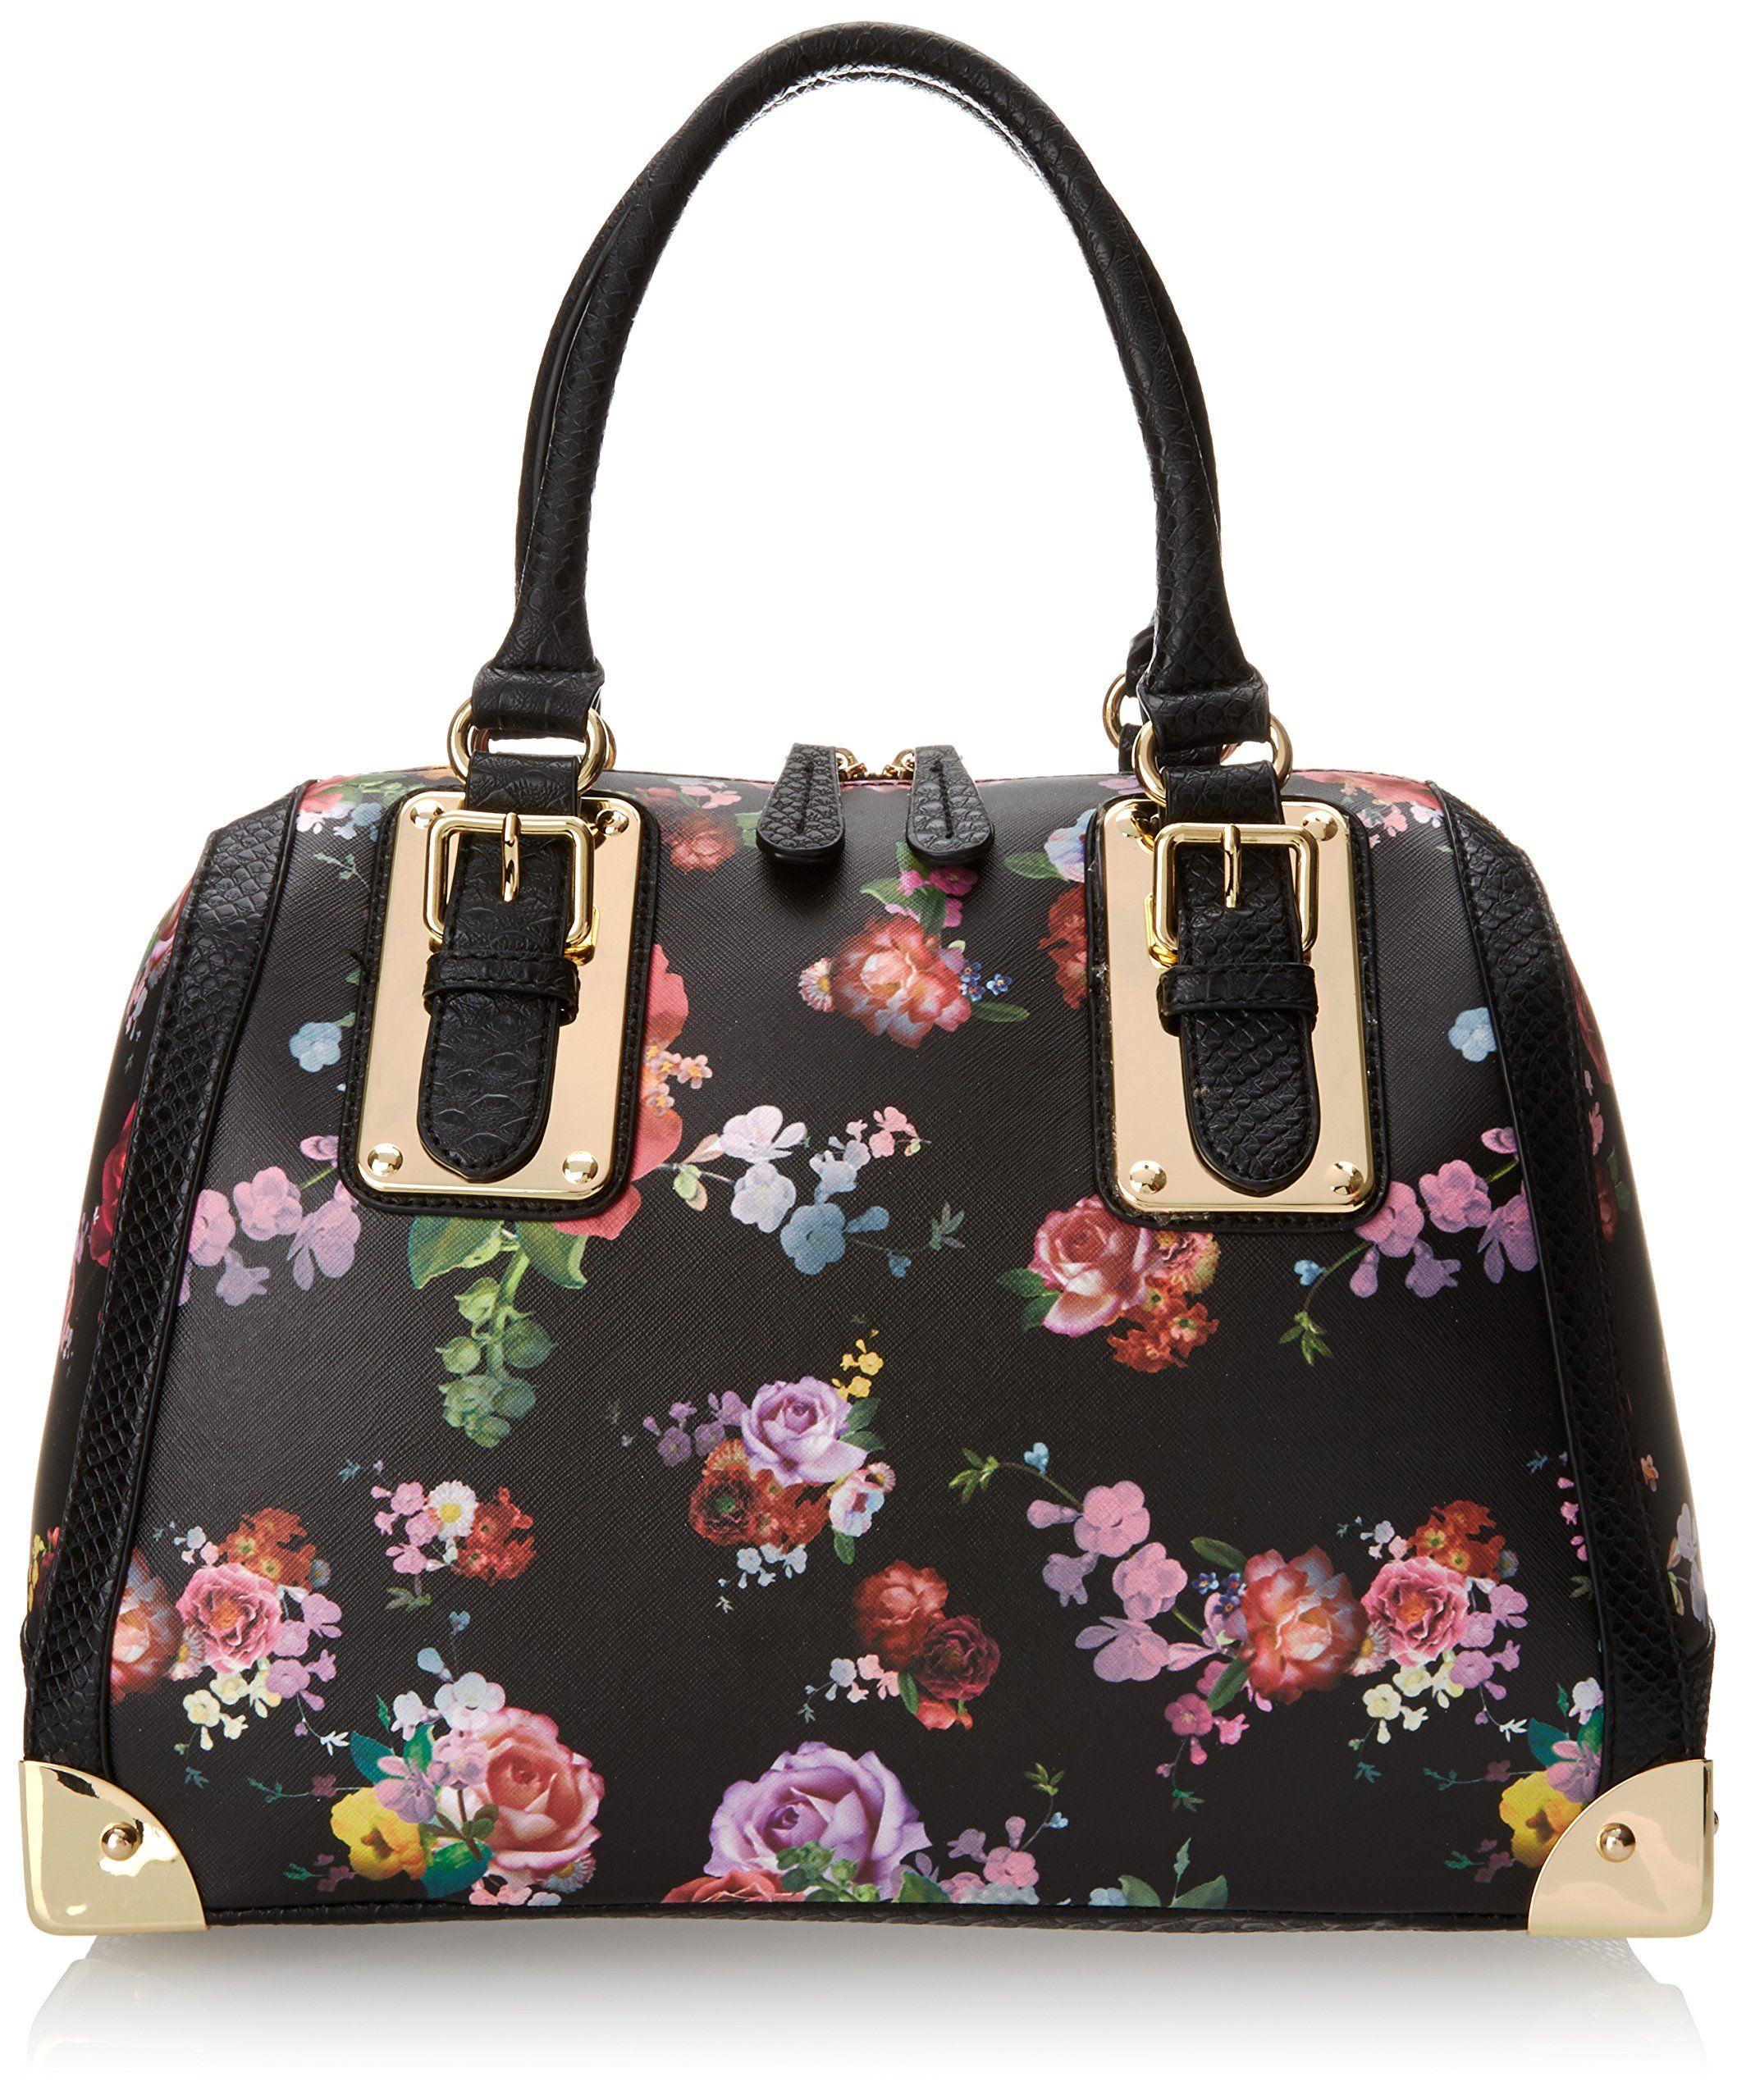 4822f47e58  65.00 Aldo Adelaide Top Handle Bag